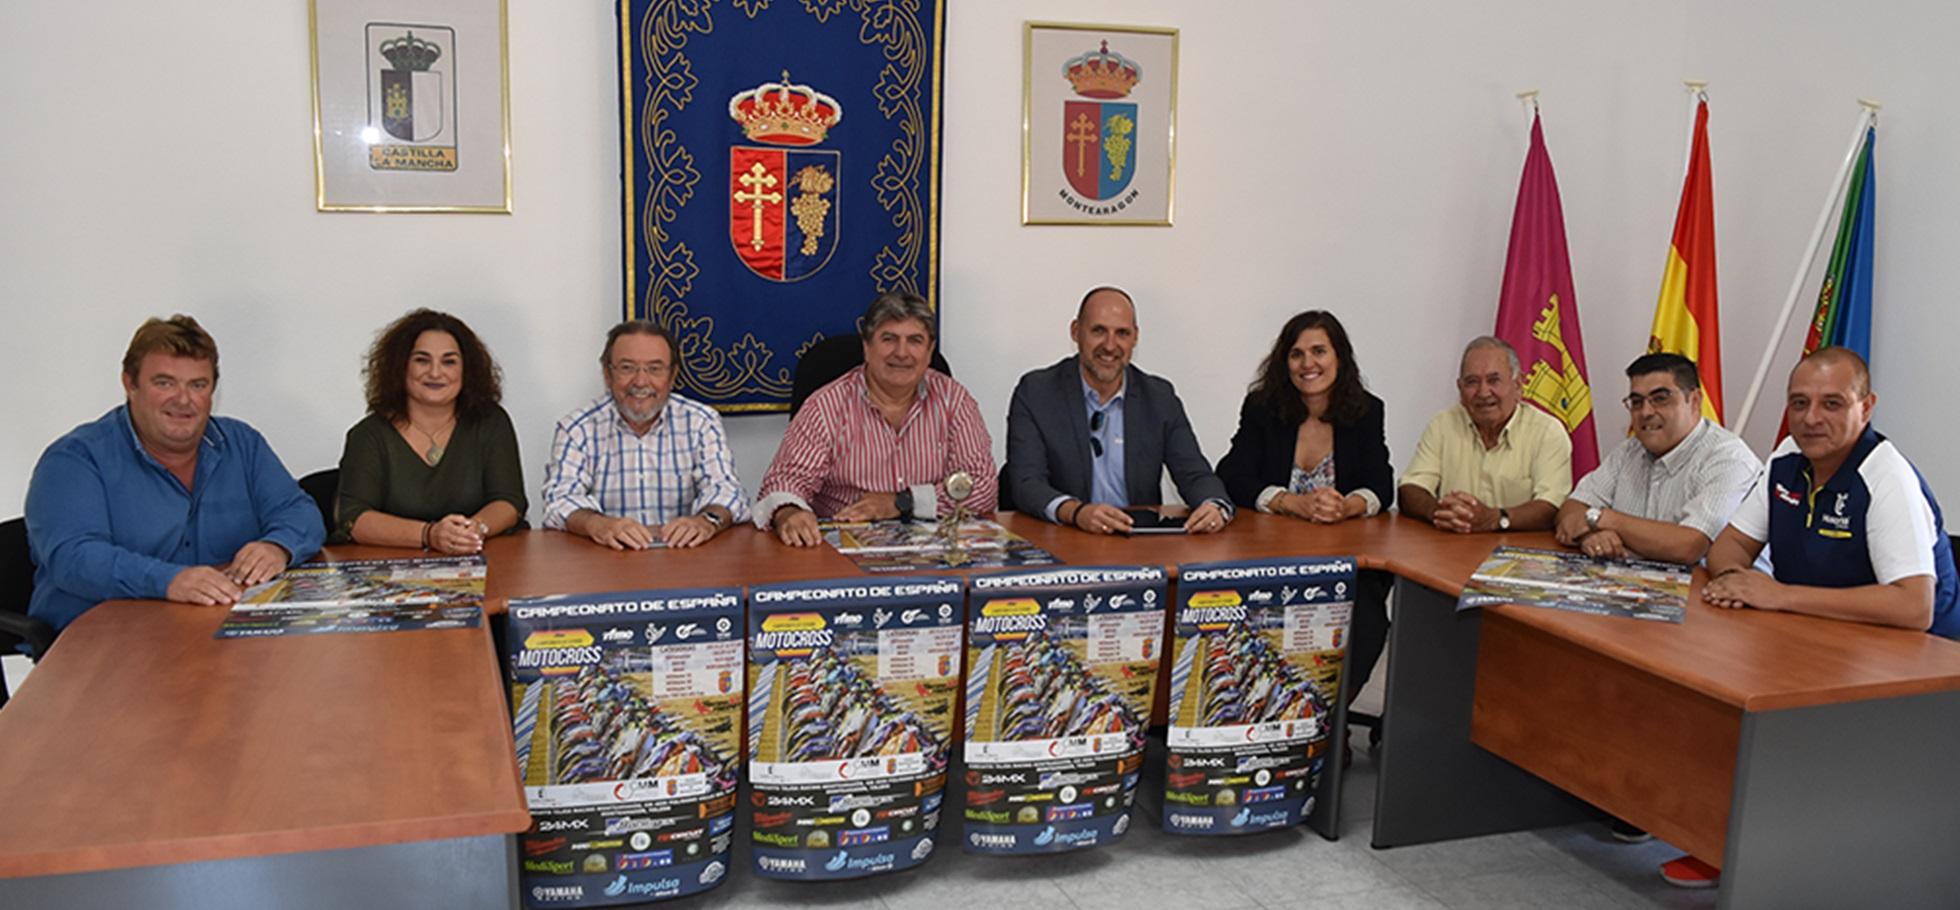 Presentación Campeonato de España Motocross Montearagón